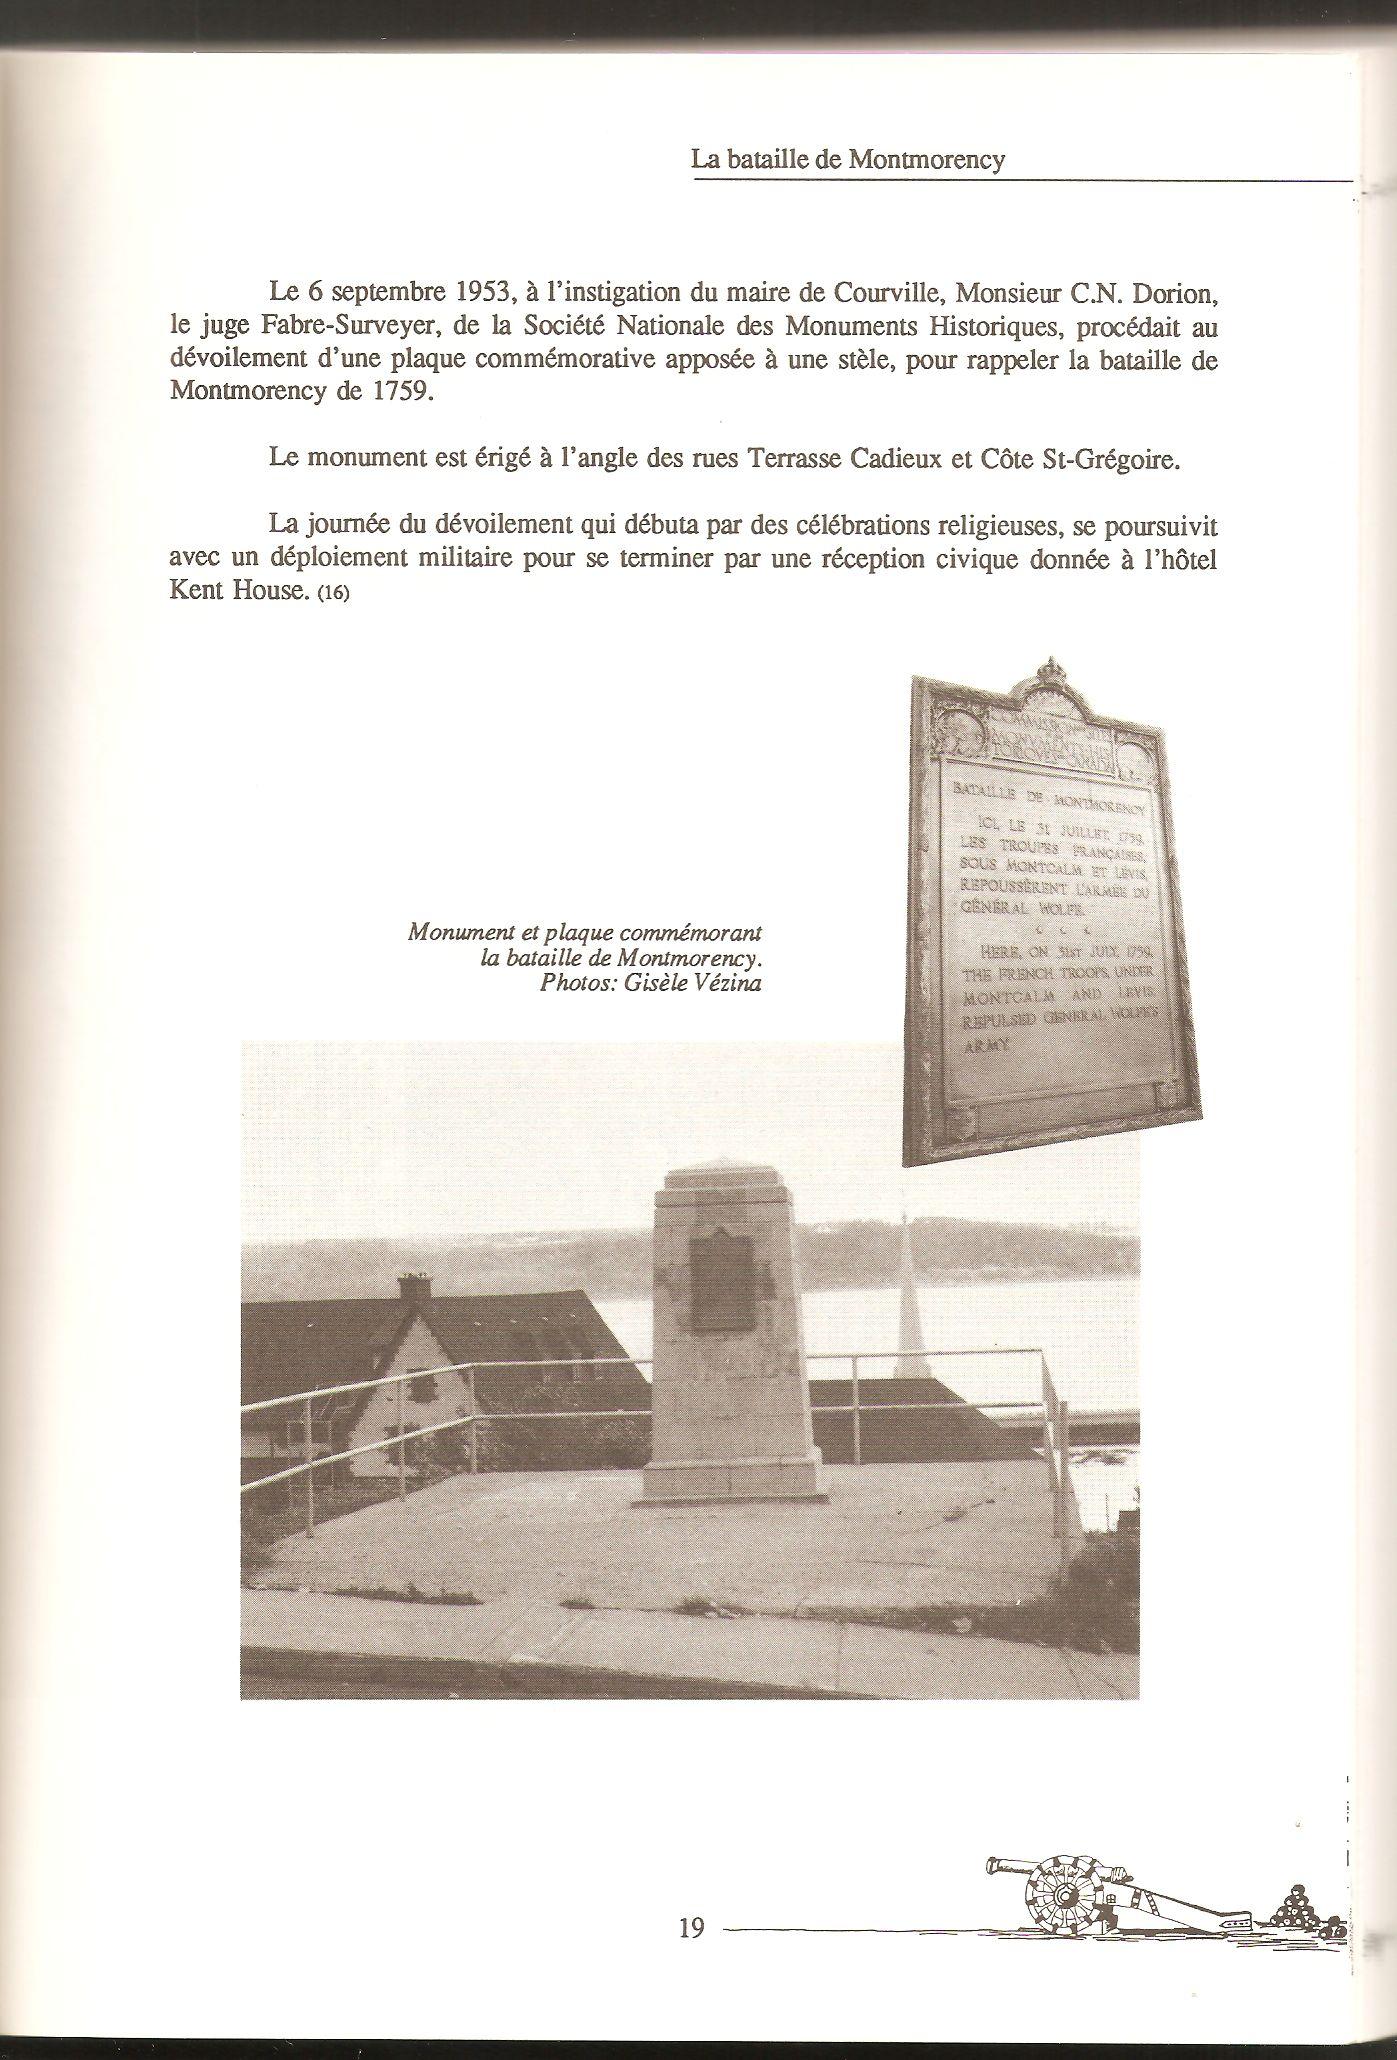 Mention de l'inauguration de la plaque commémorative de la bataille de Montmorency, dévoilée le 6 septembre 1953, sur la Terrasse Cadieux. Cette plaque commémorative a malheureusement aujourd'hui disparu.